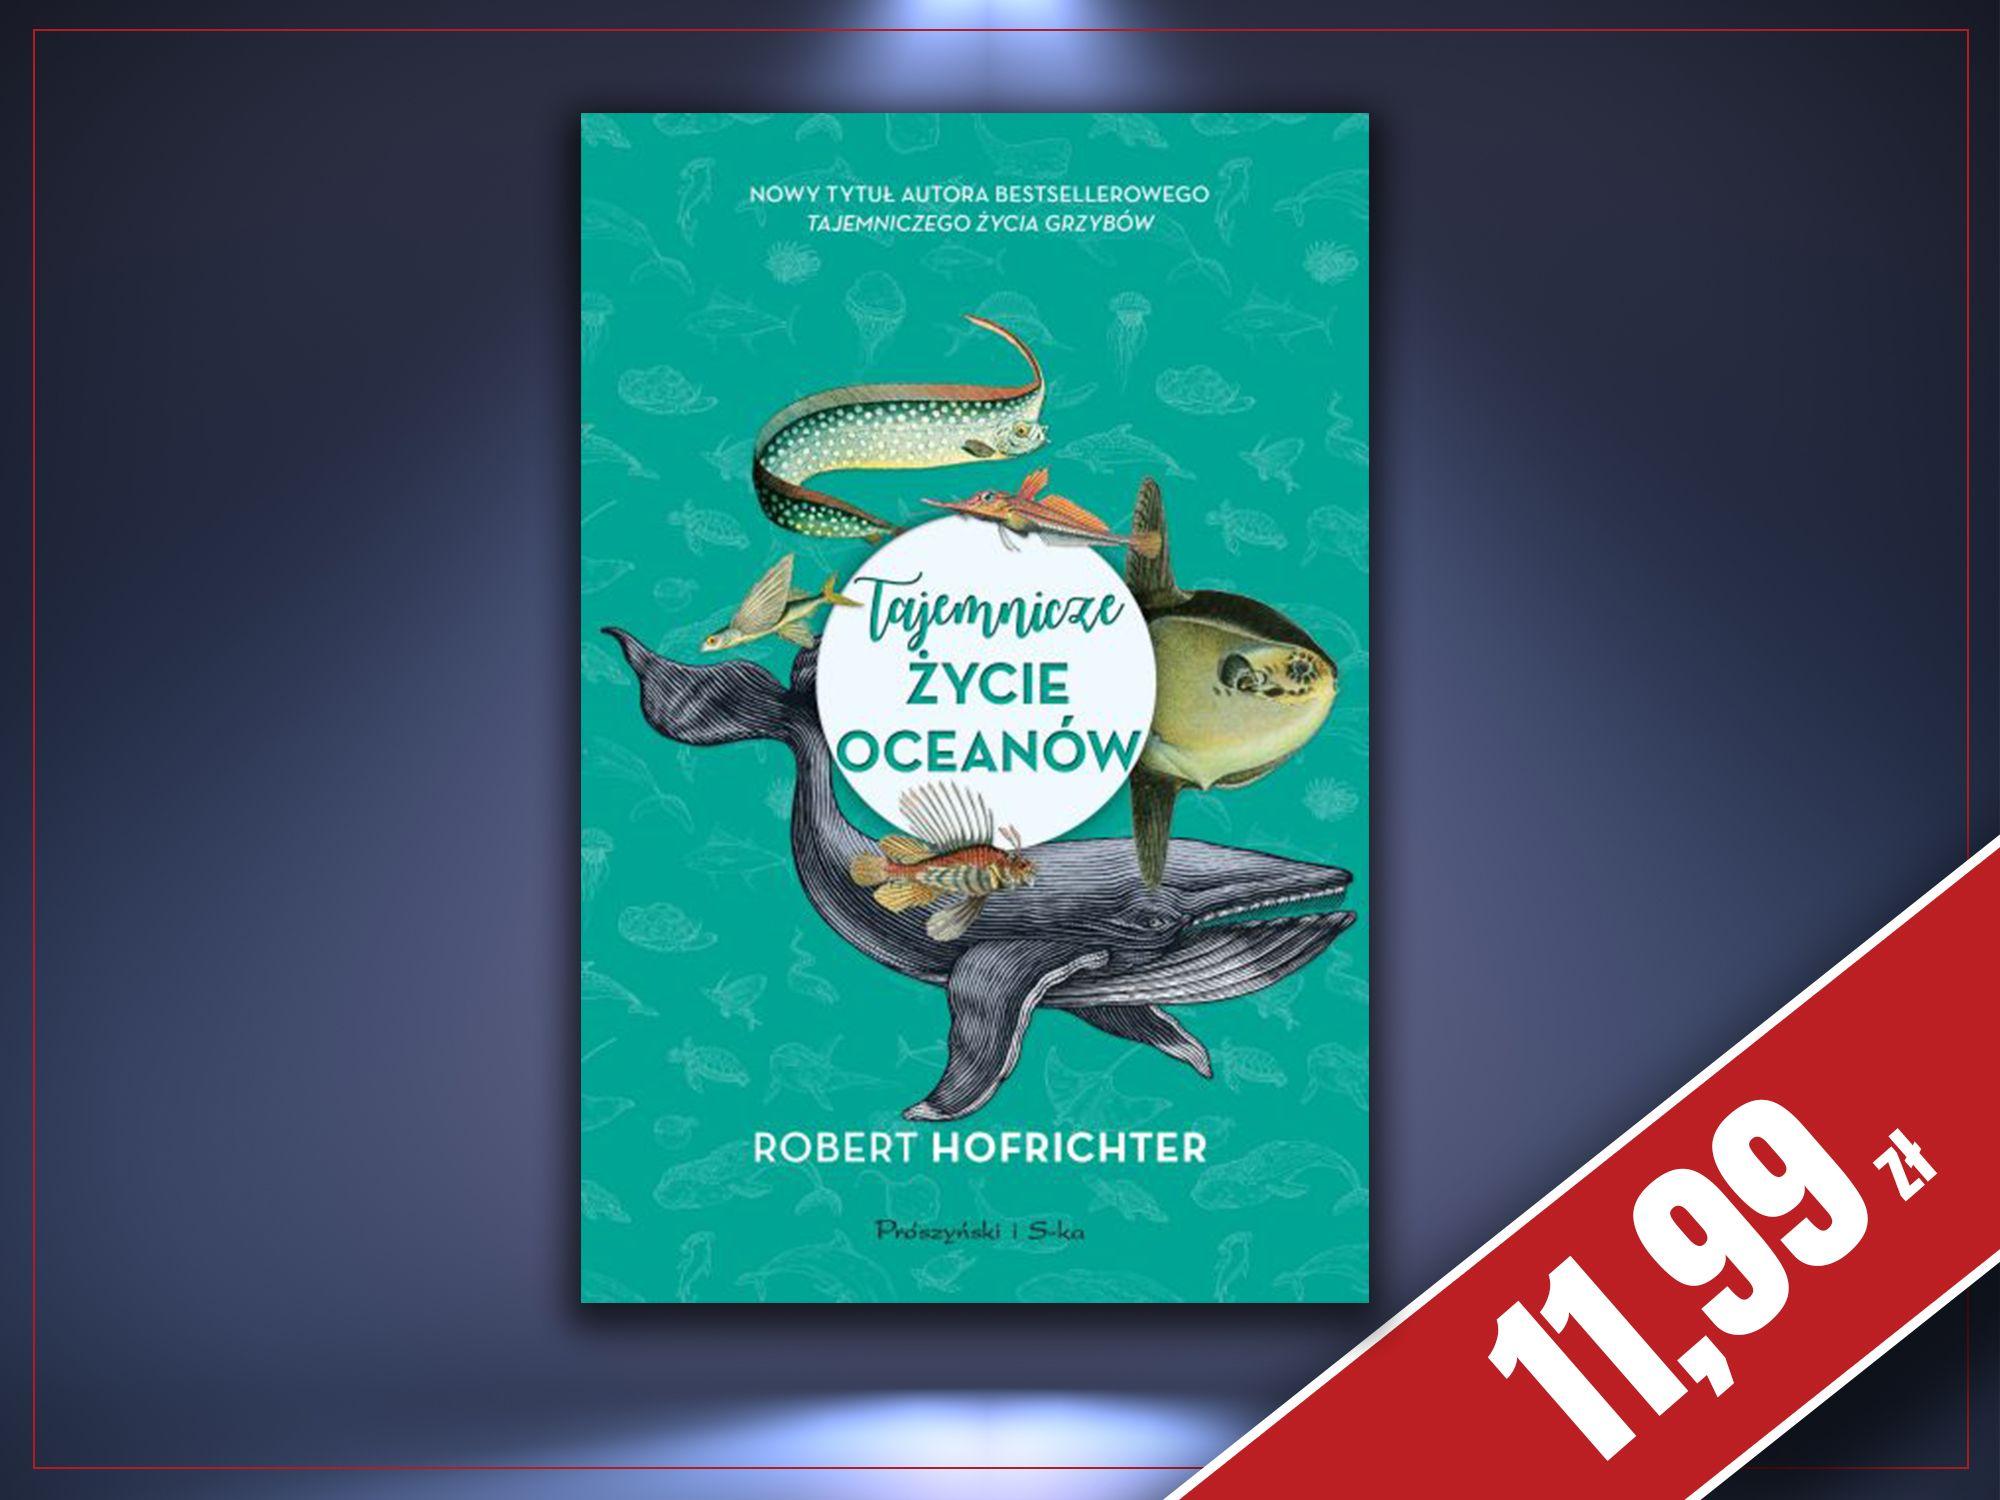 Tajemnicze życie oceanów, Robert Hofrichter